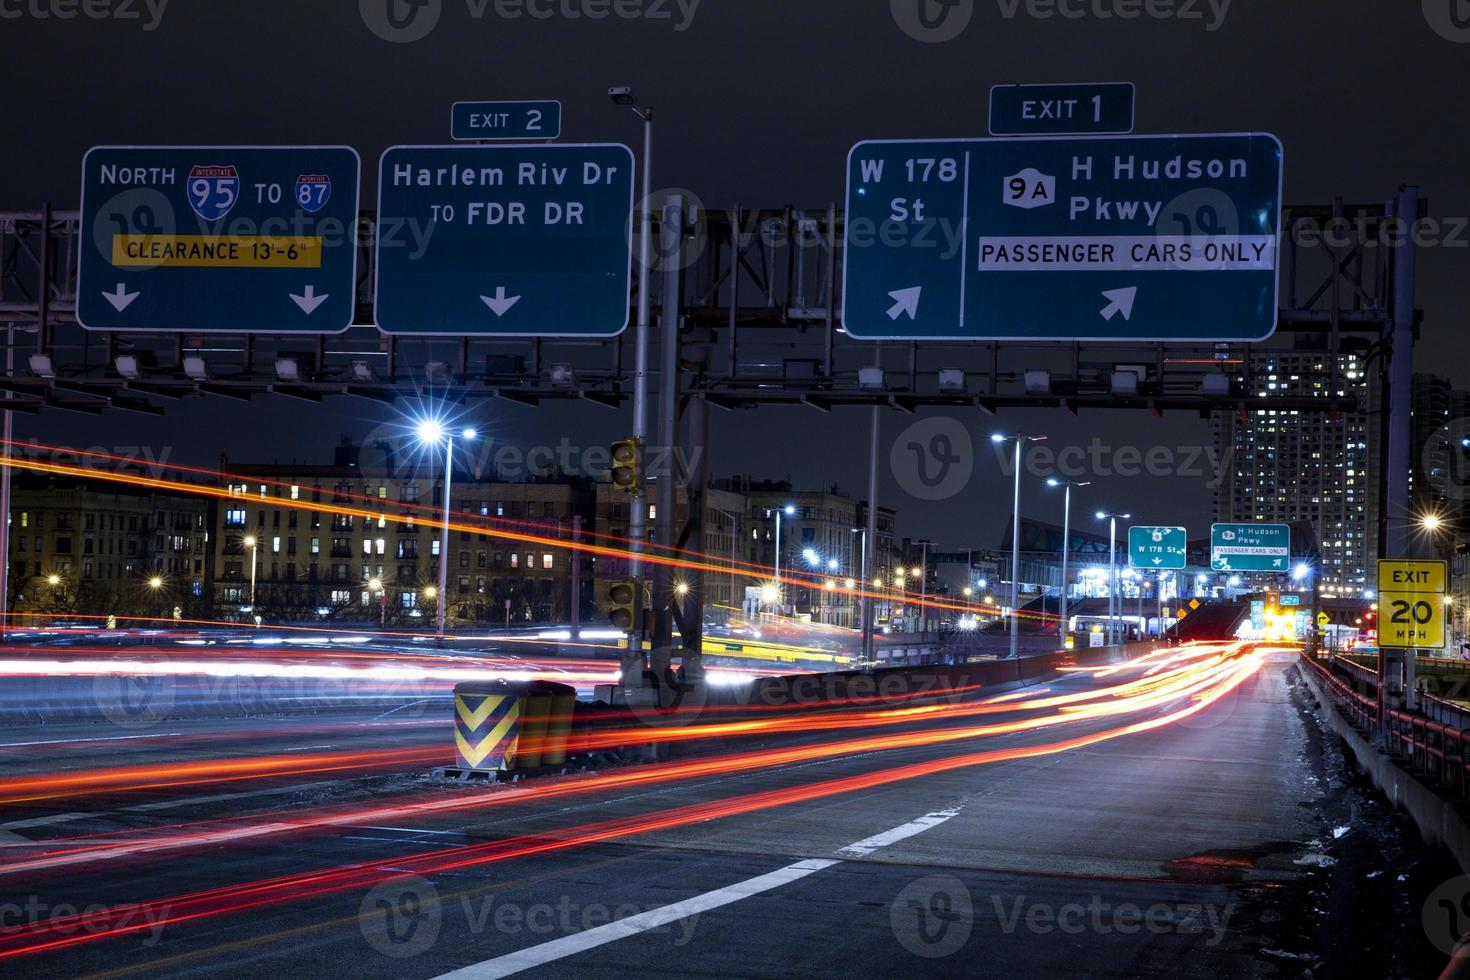 verkeerslicht paden bij george washington bridge foto